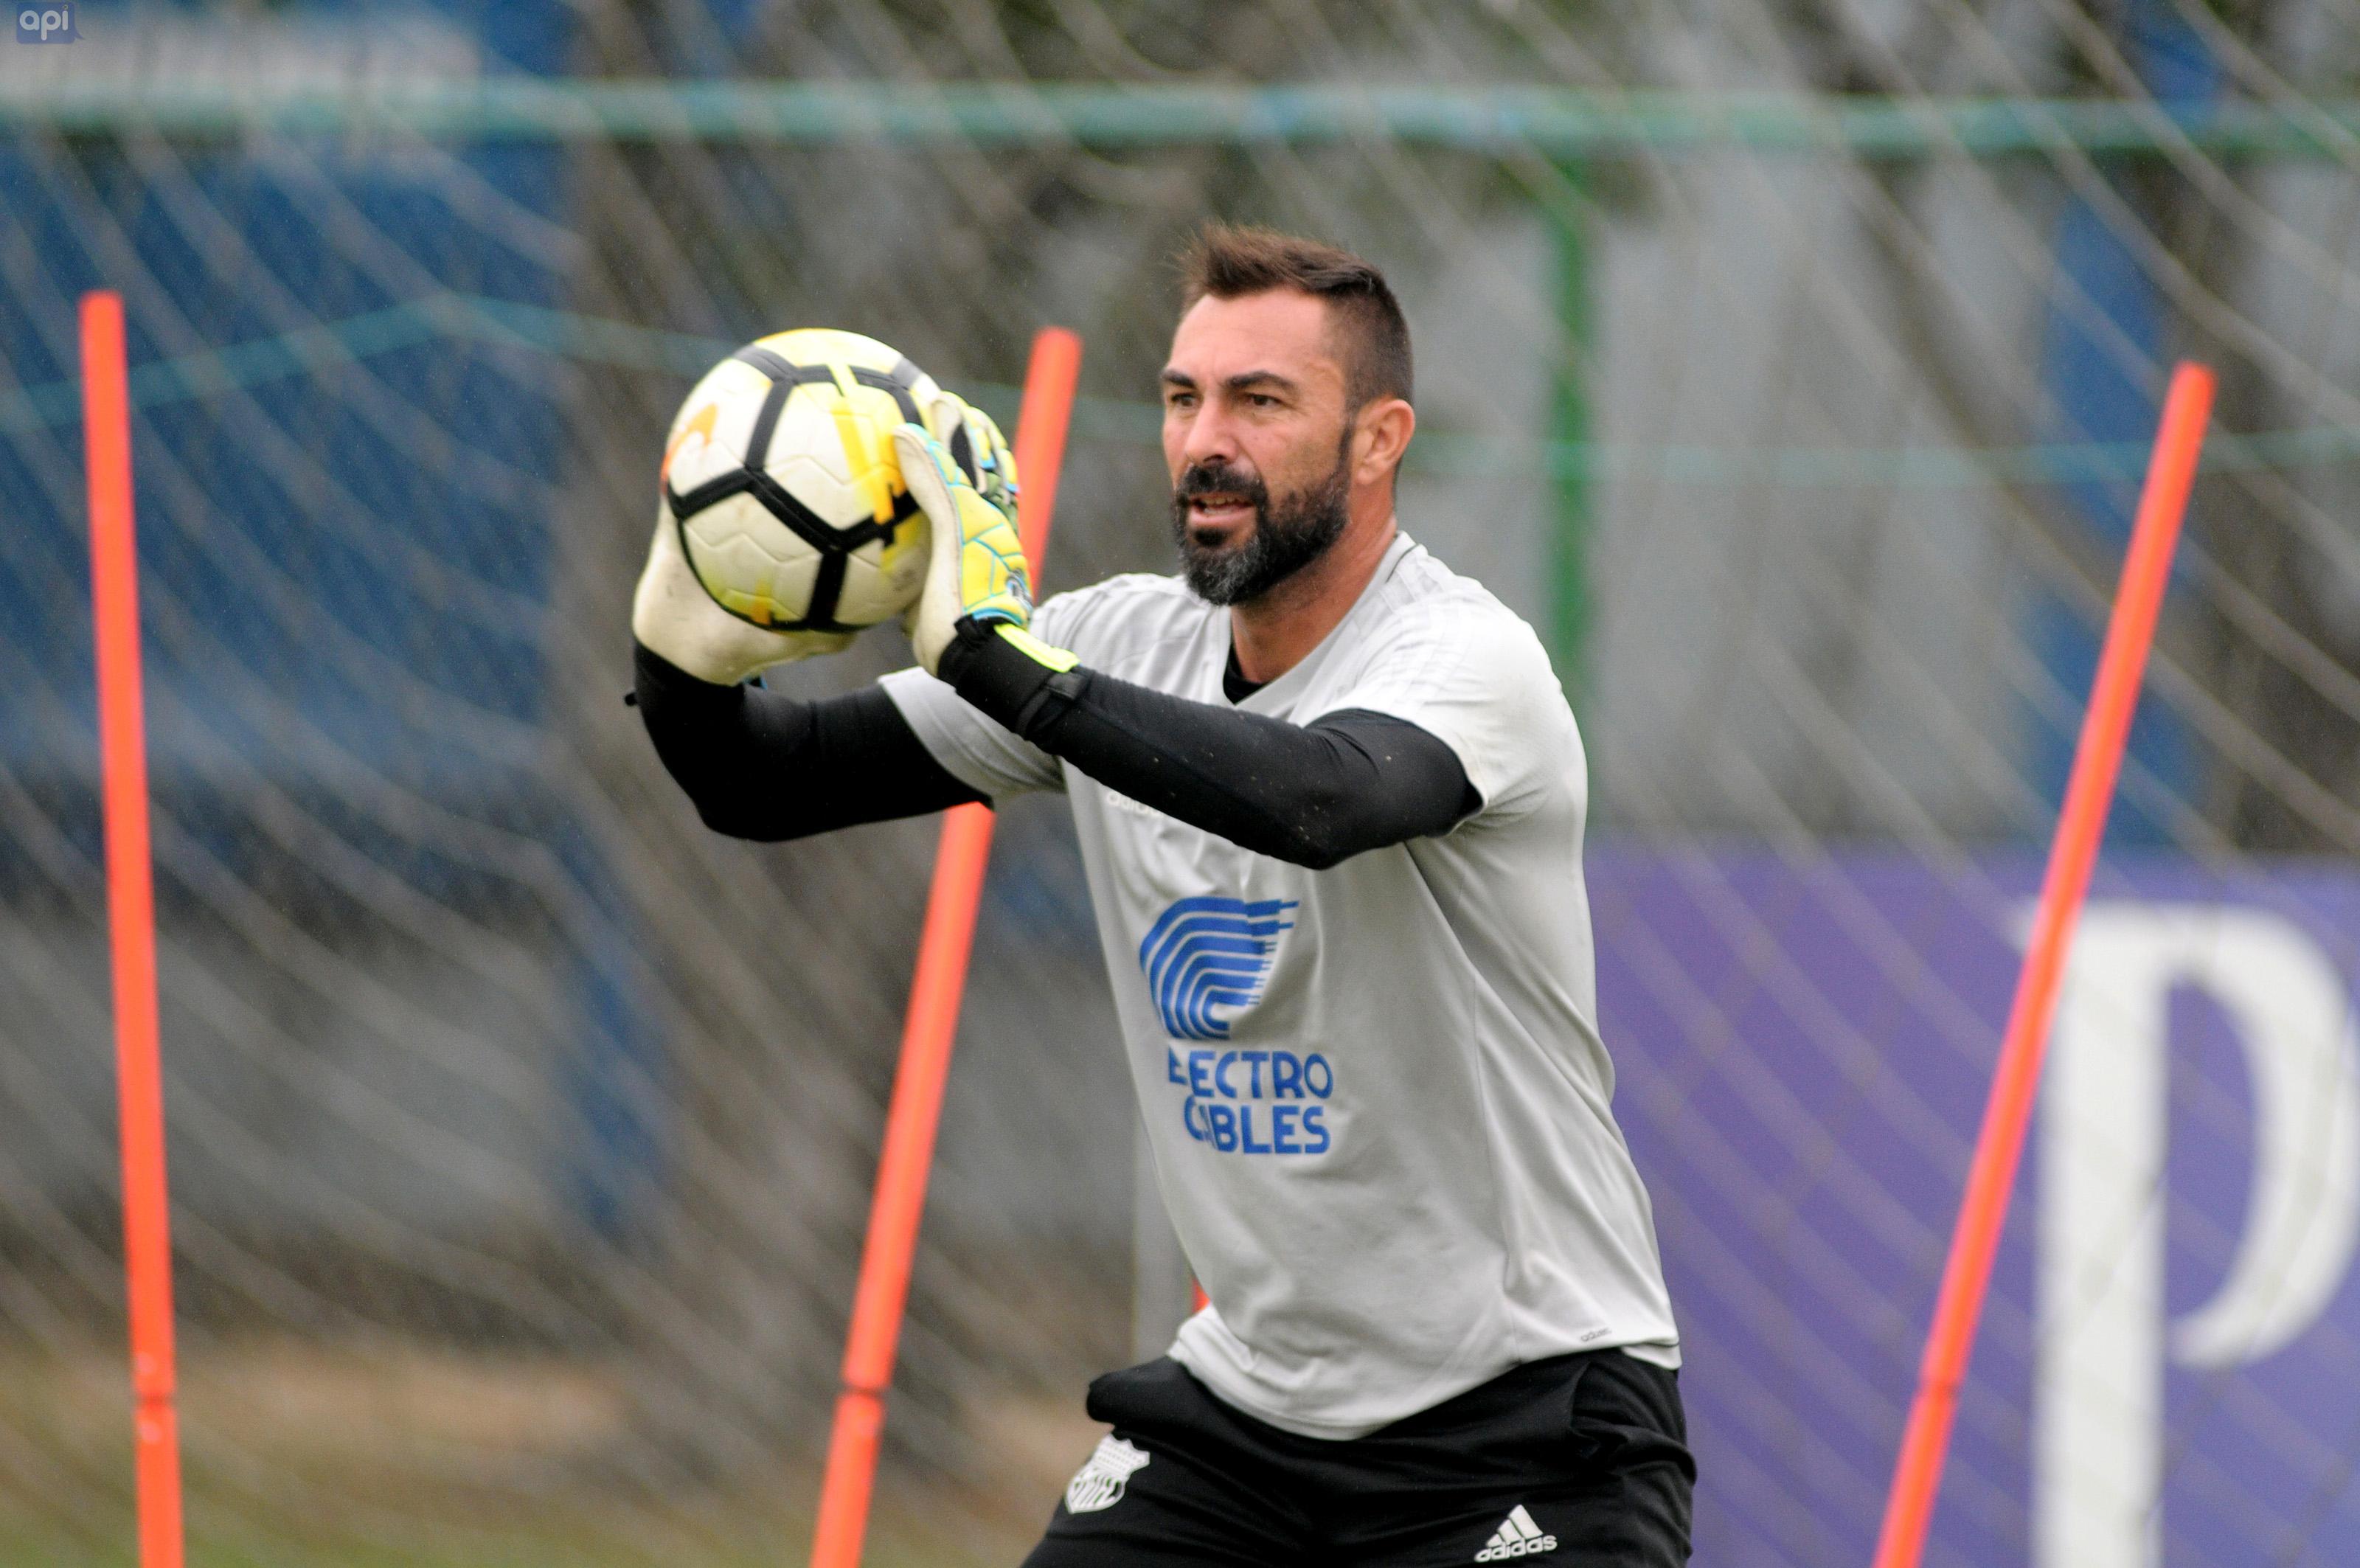 Esteban Dreer palpita la visita de Emelec a Barcelona, con la confianza de recuperar terreno en la tabla